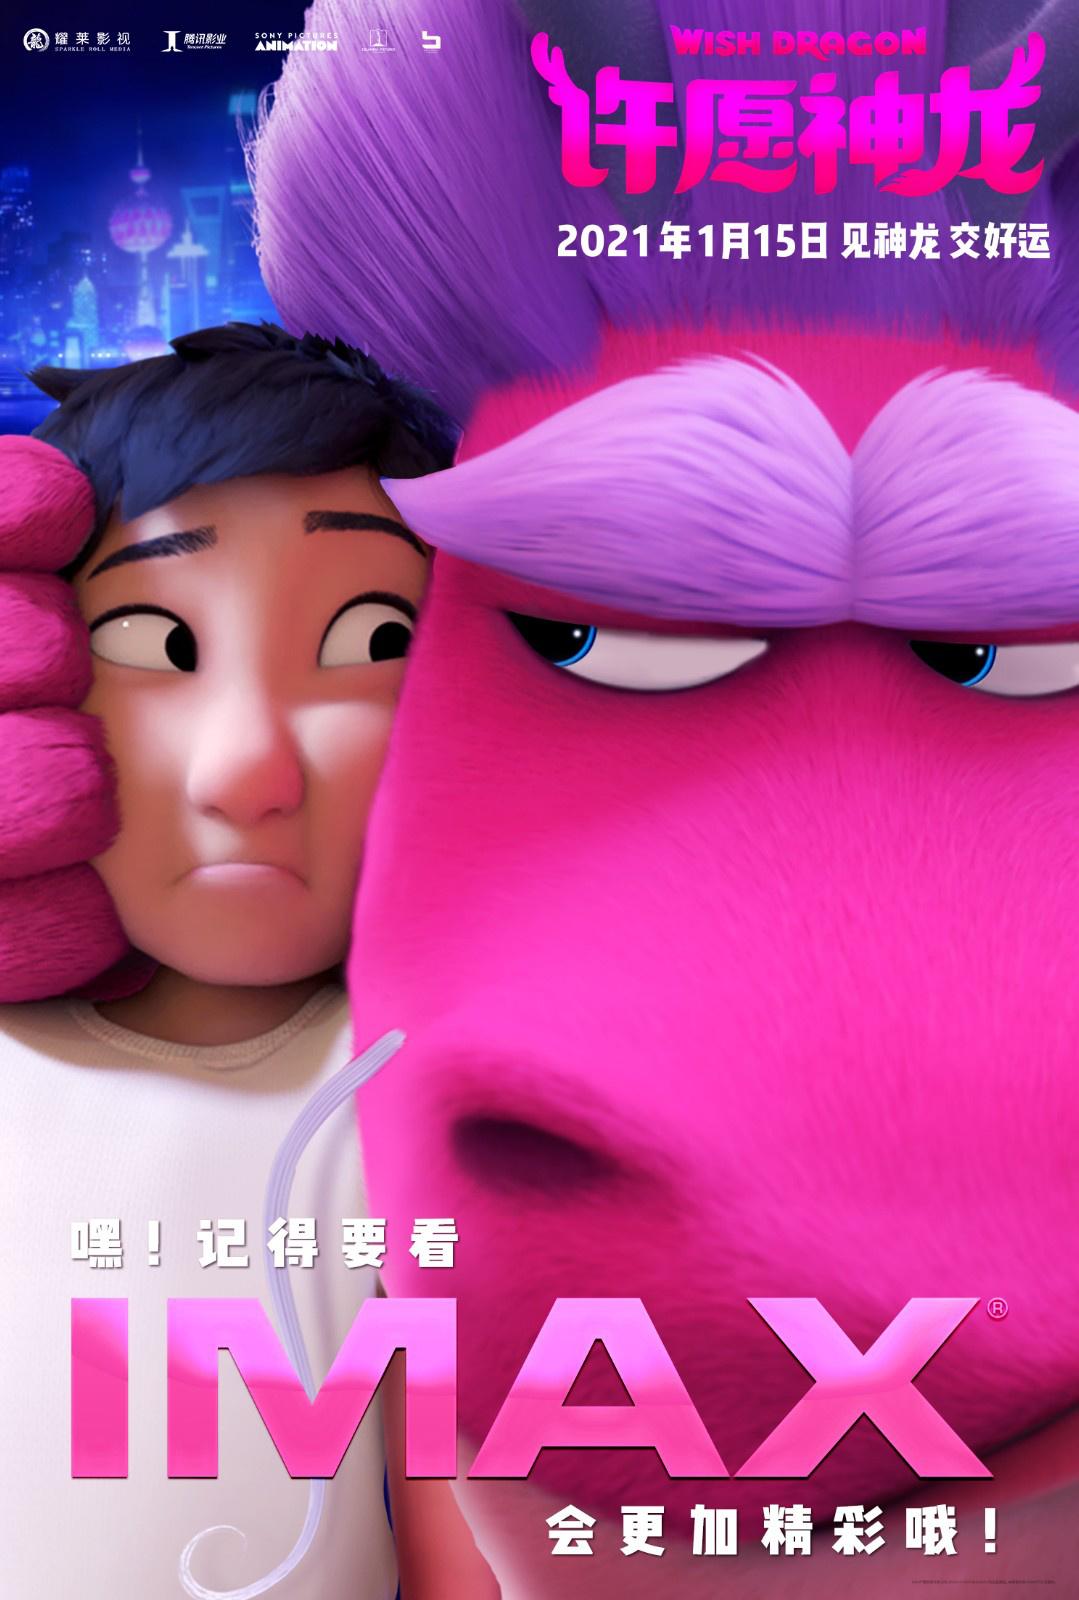 《许愿神龙》曝光IMAX海报《人龙之交》萌发人心